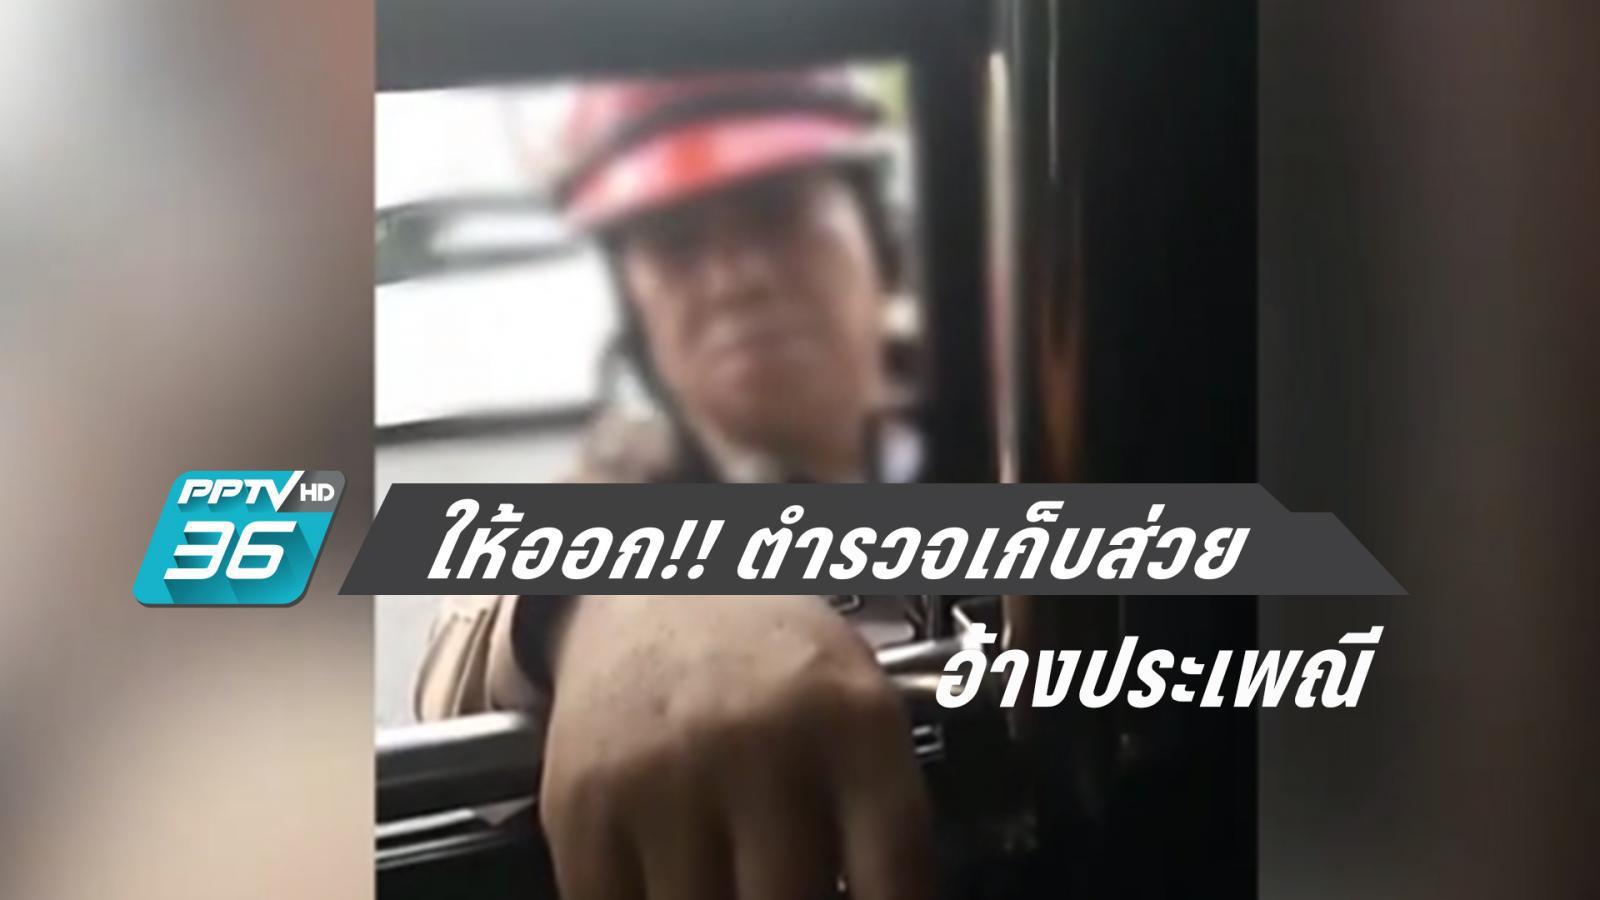 """ให้ออกแล้ว!!  ตำรวจเก็บส่วยรถทัวร์อ้าง """"ประเพณี"""""""